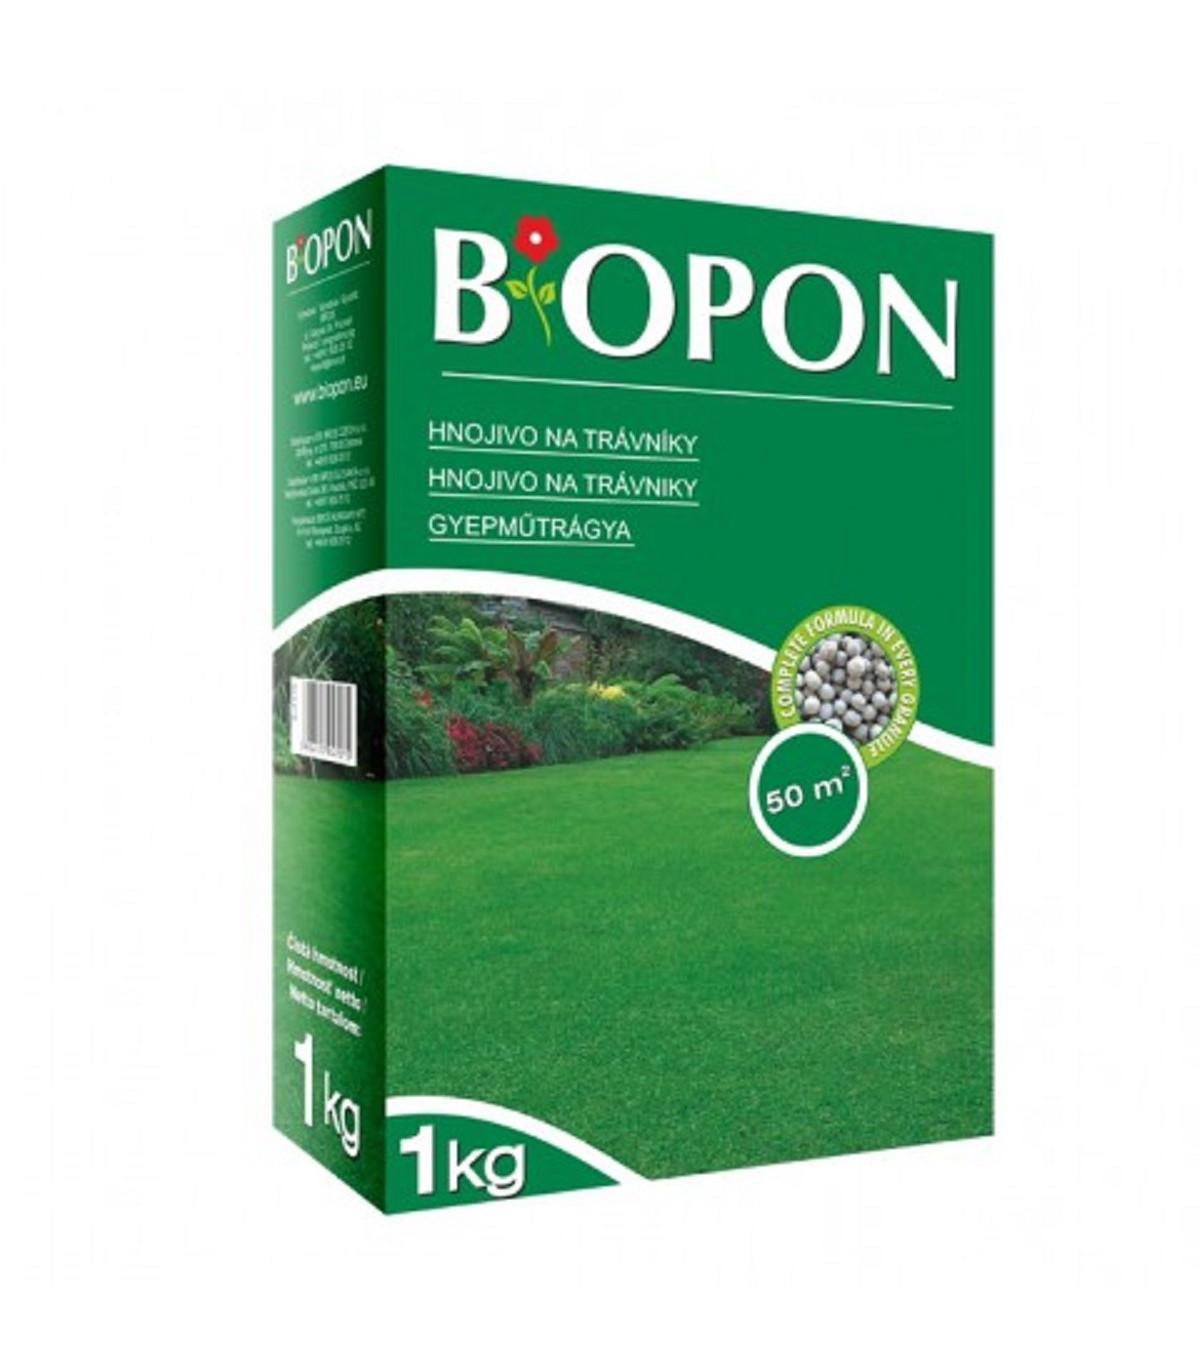 Hnojivo na trávniky - BioPon - 1 kg